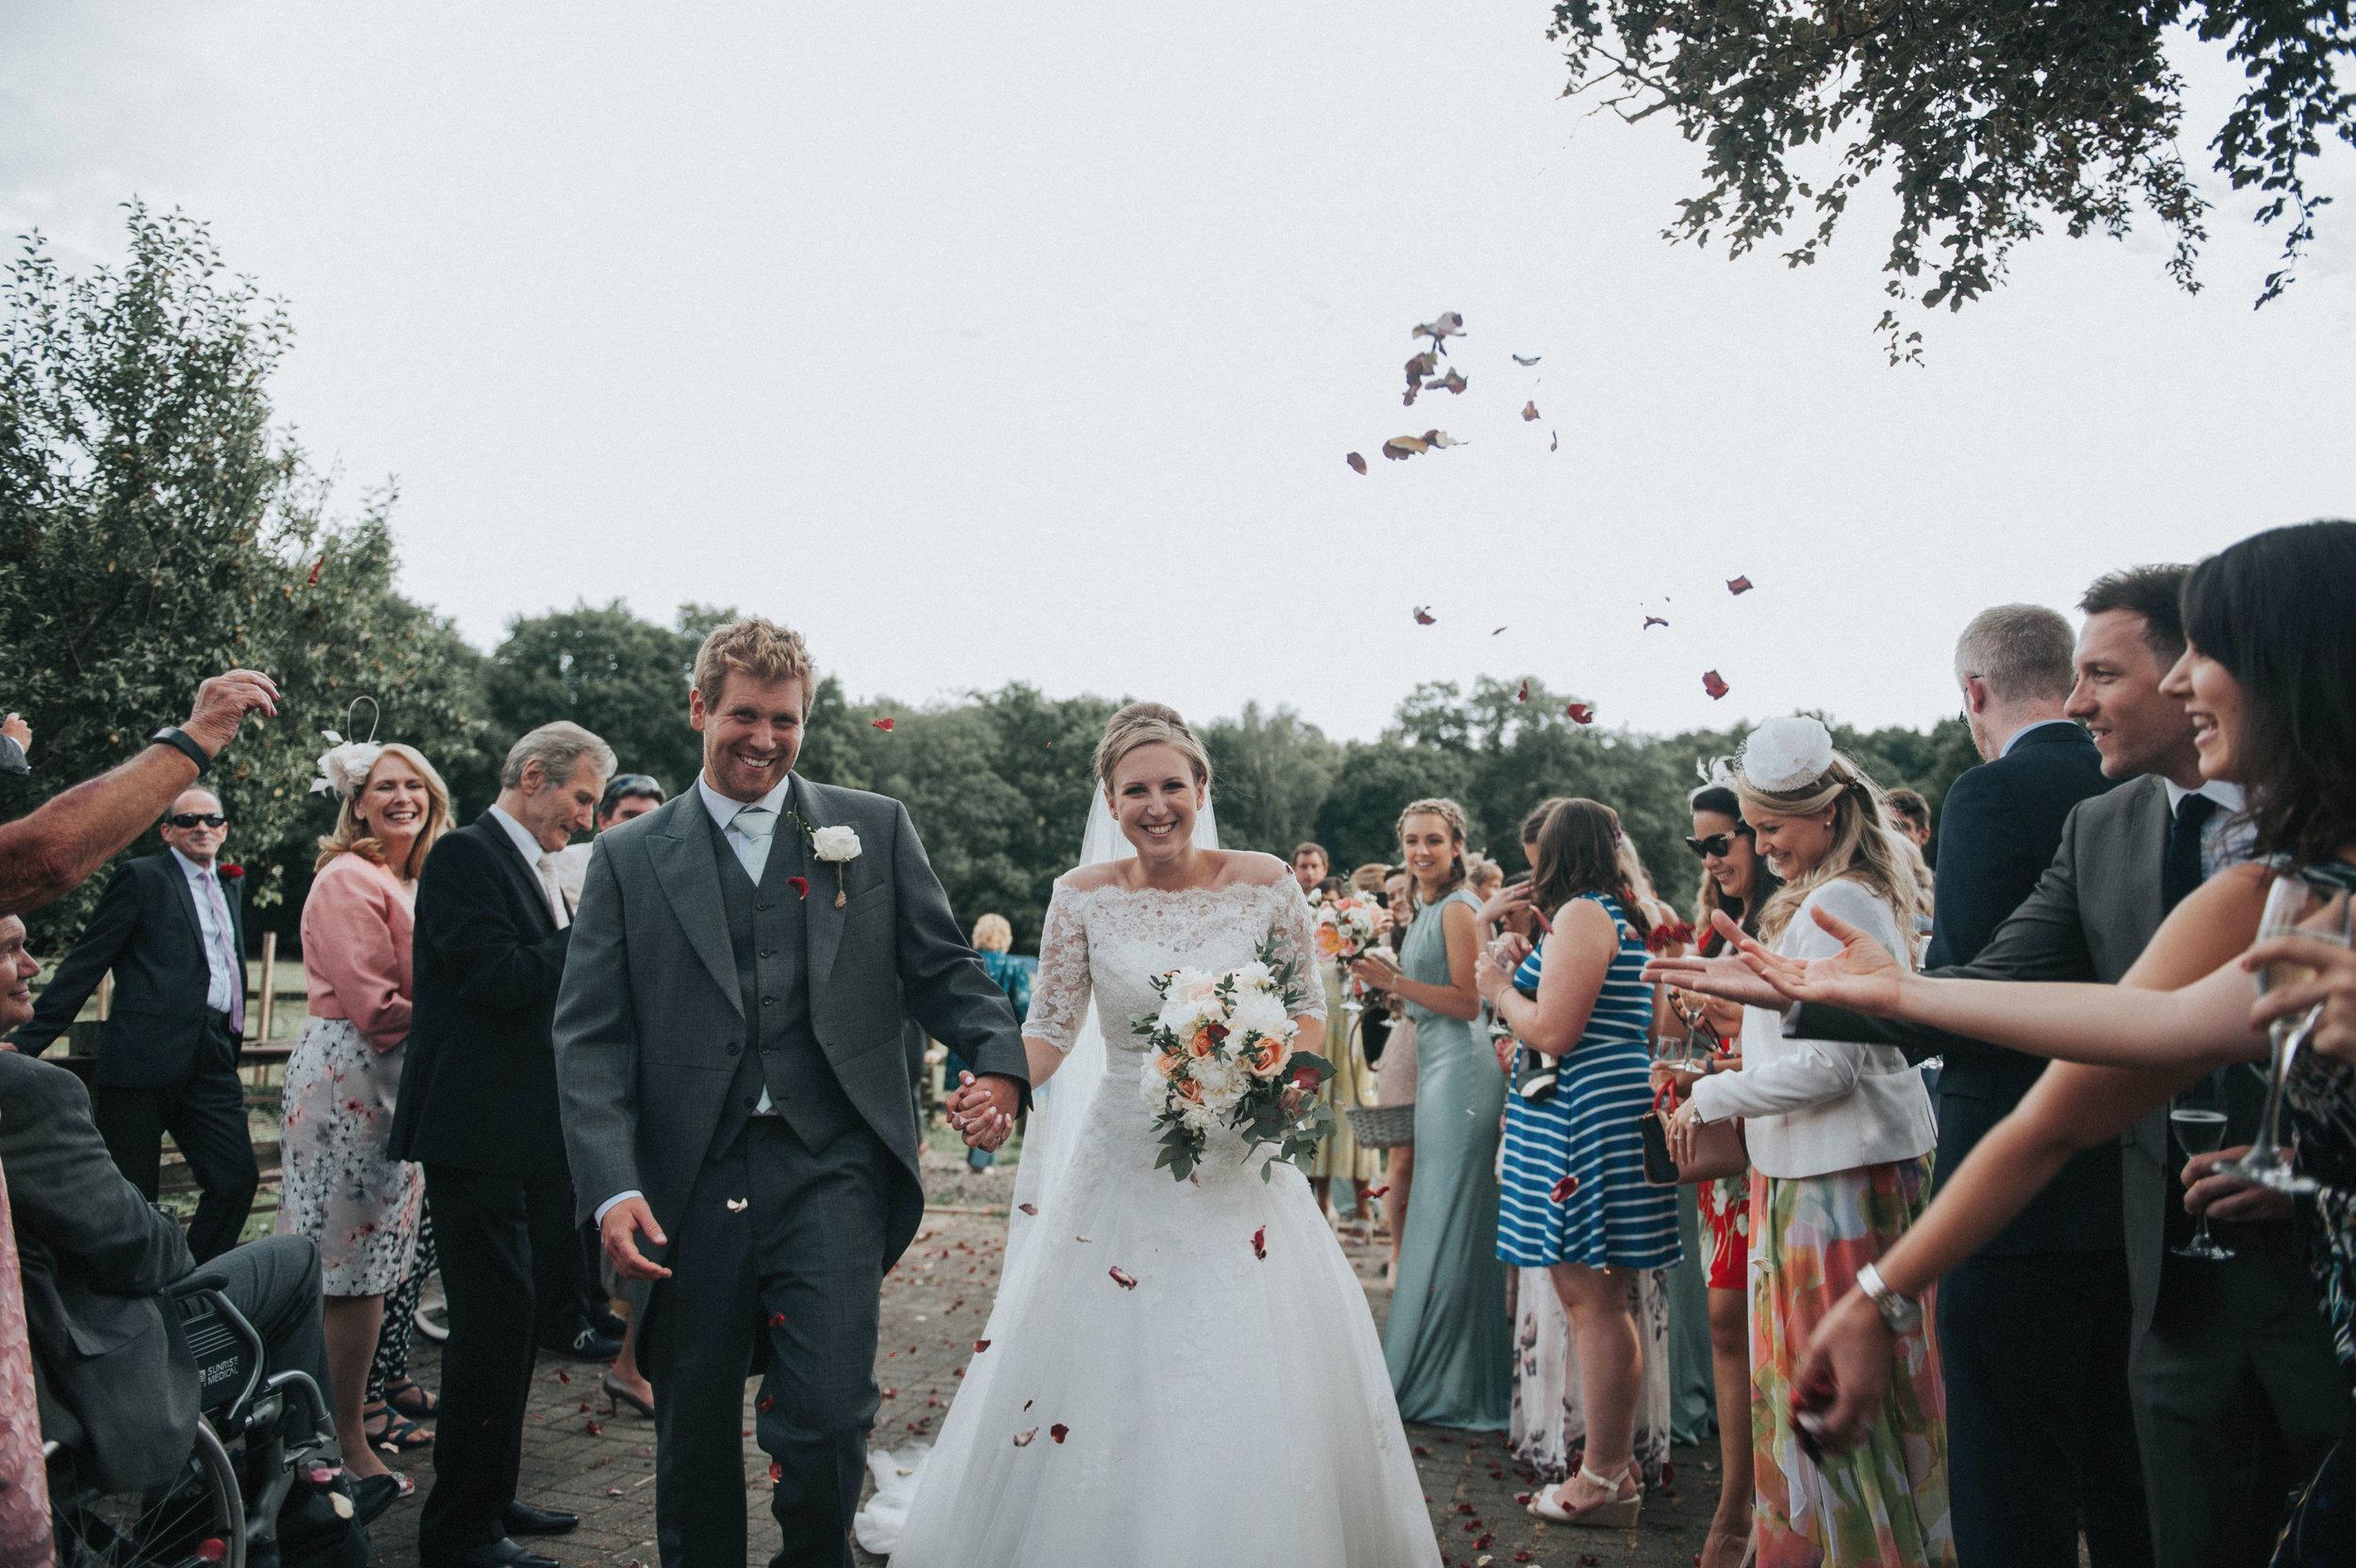 festival-farm-wedding-095.jpg